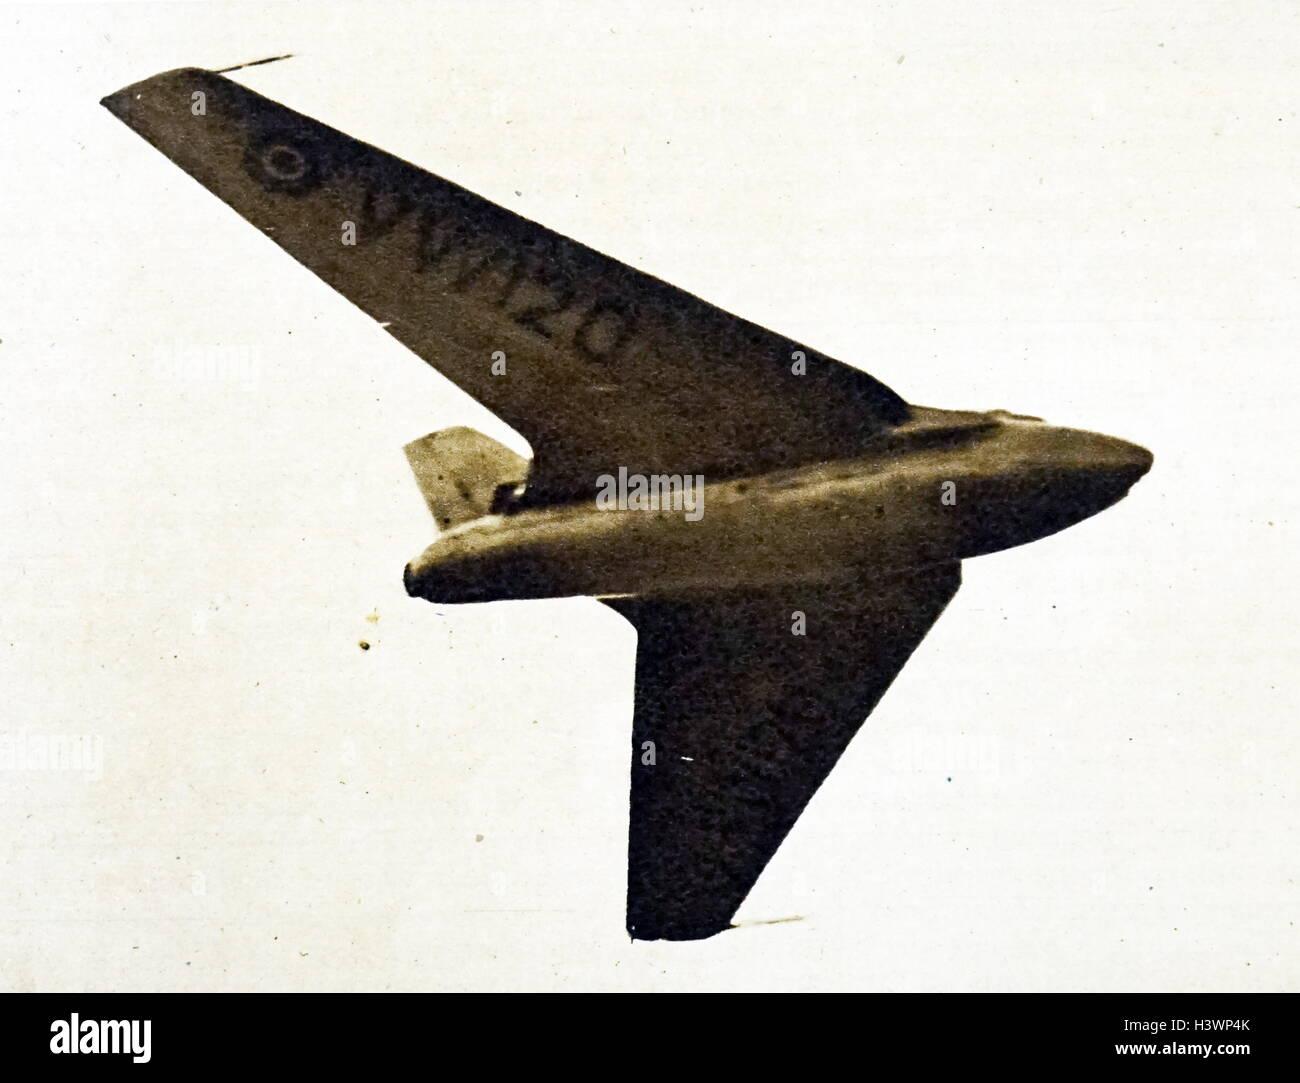 Photograph of a de Havilland DH 108 - Stock Image